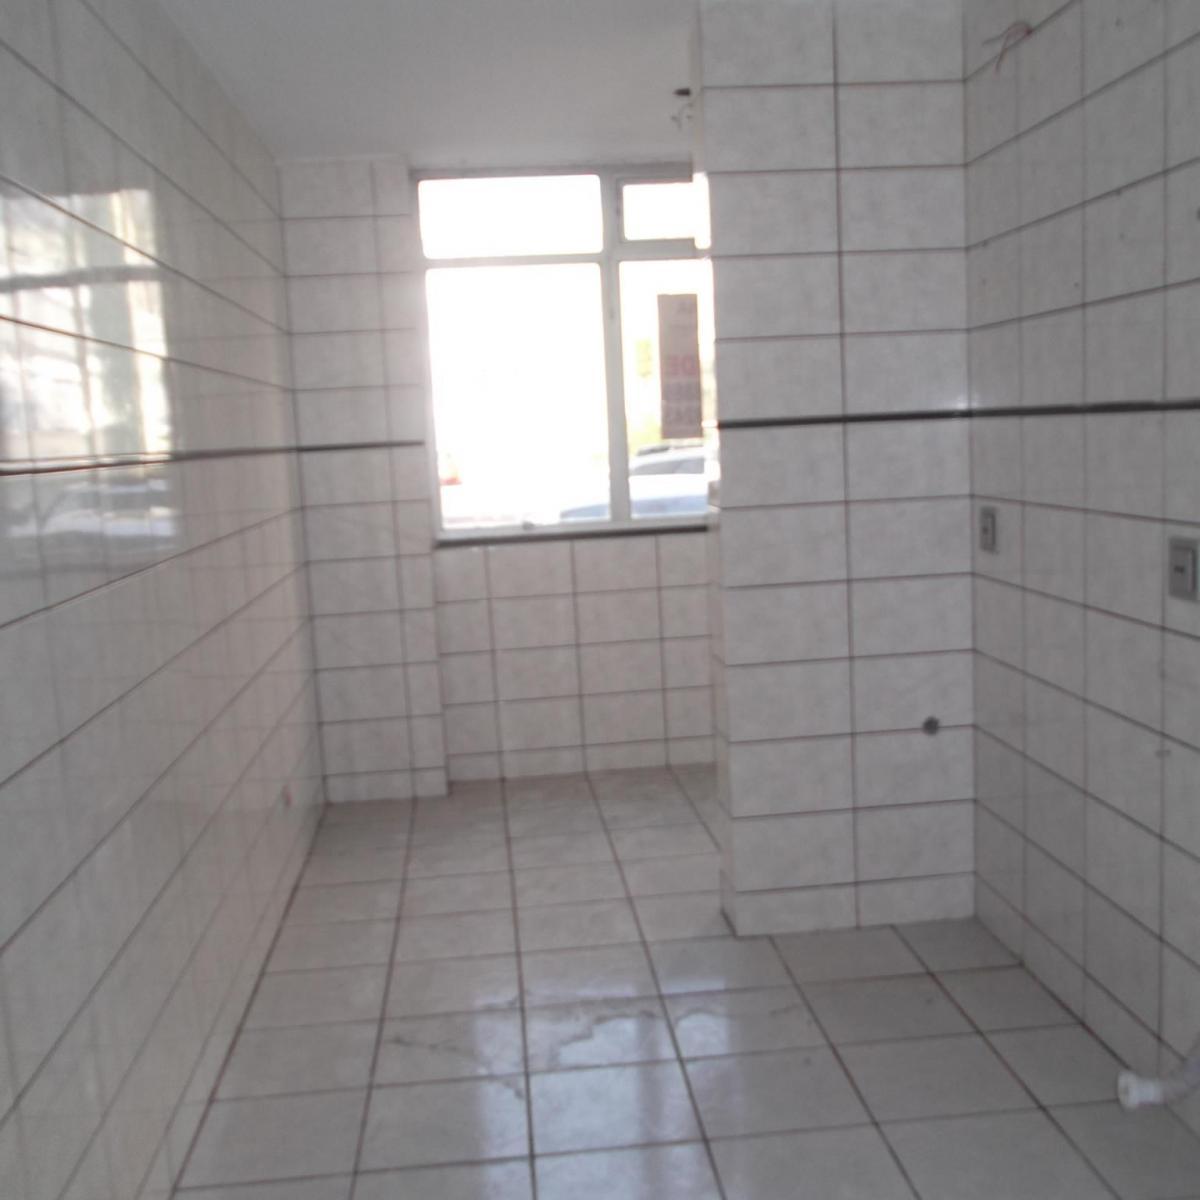 #546177  apartamento com dois quartos sala cozinha banheiro lavanderia vag 1200x1200 px um banheiro para dois quartos